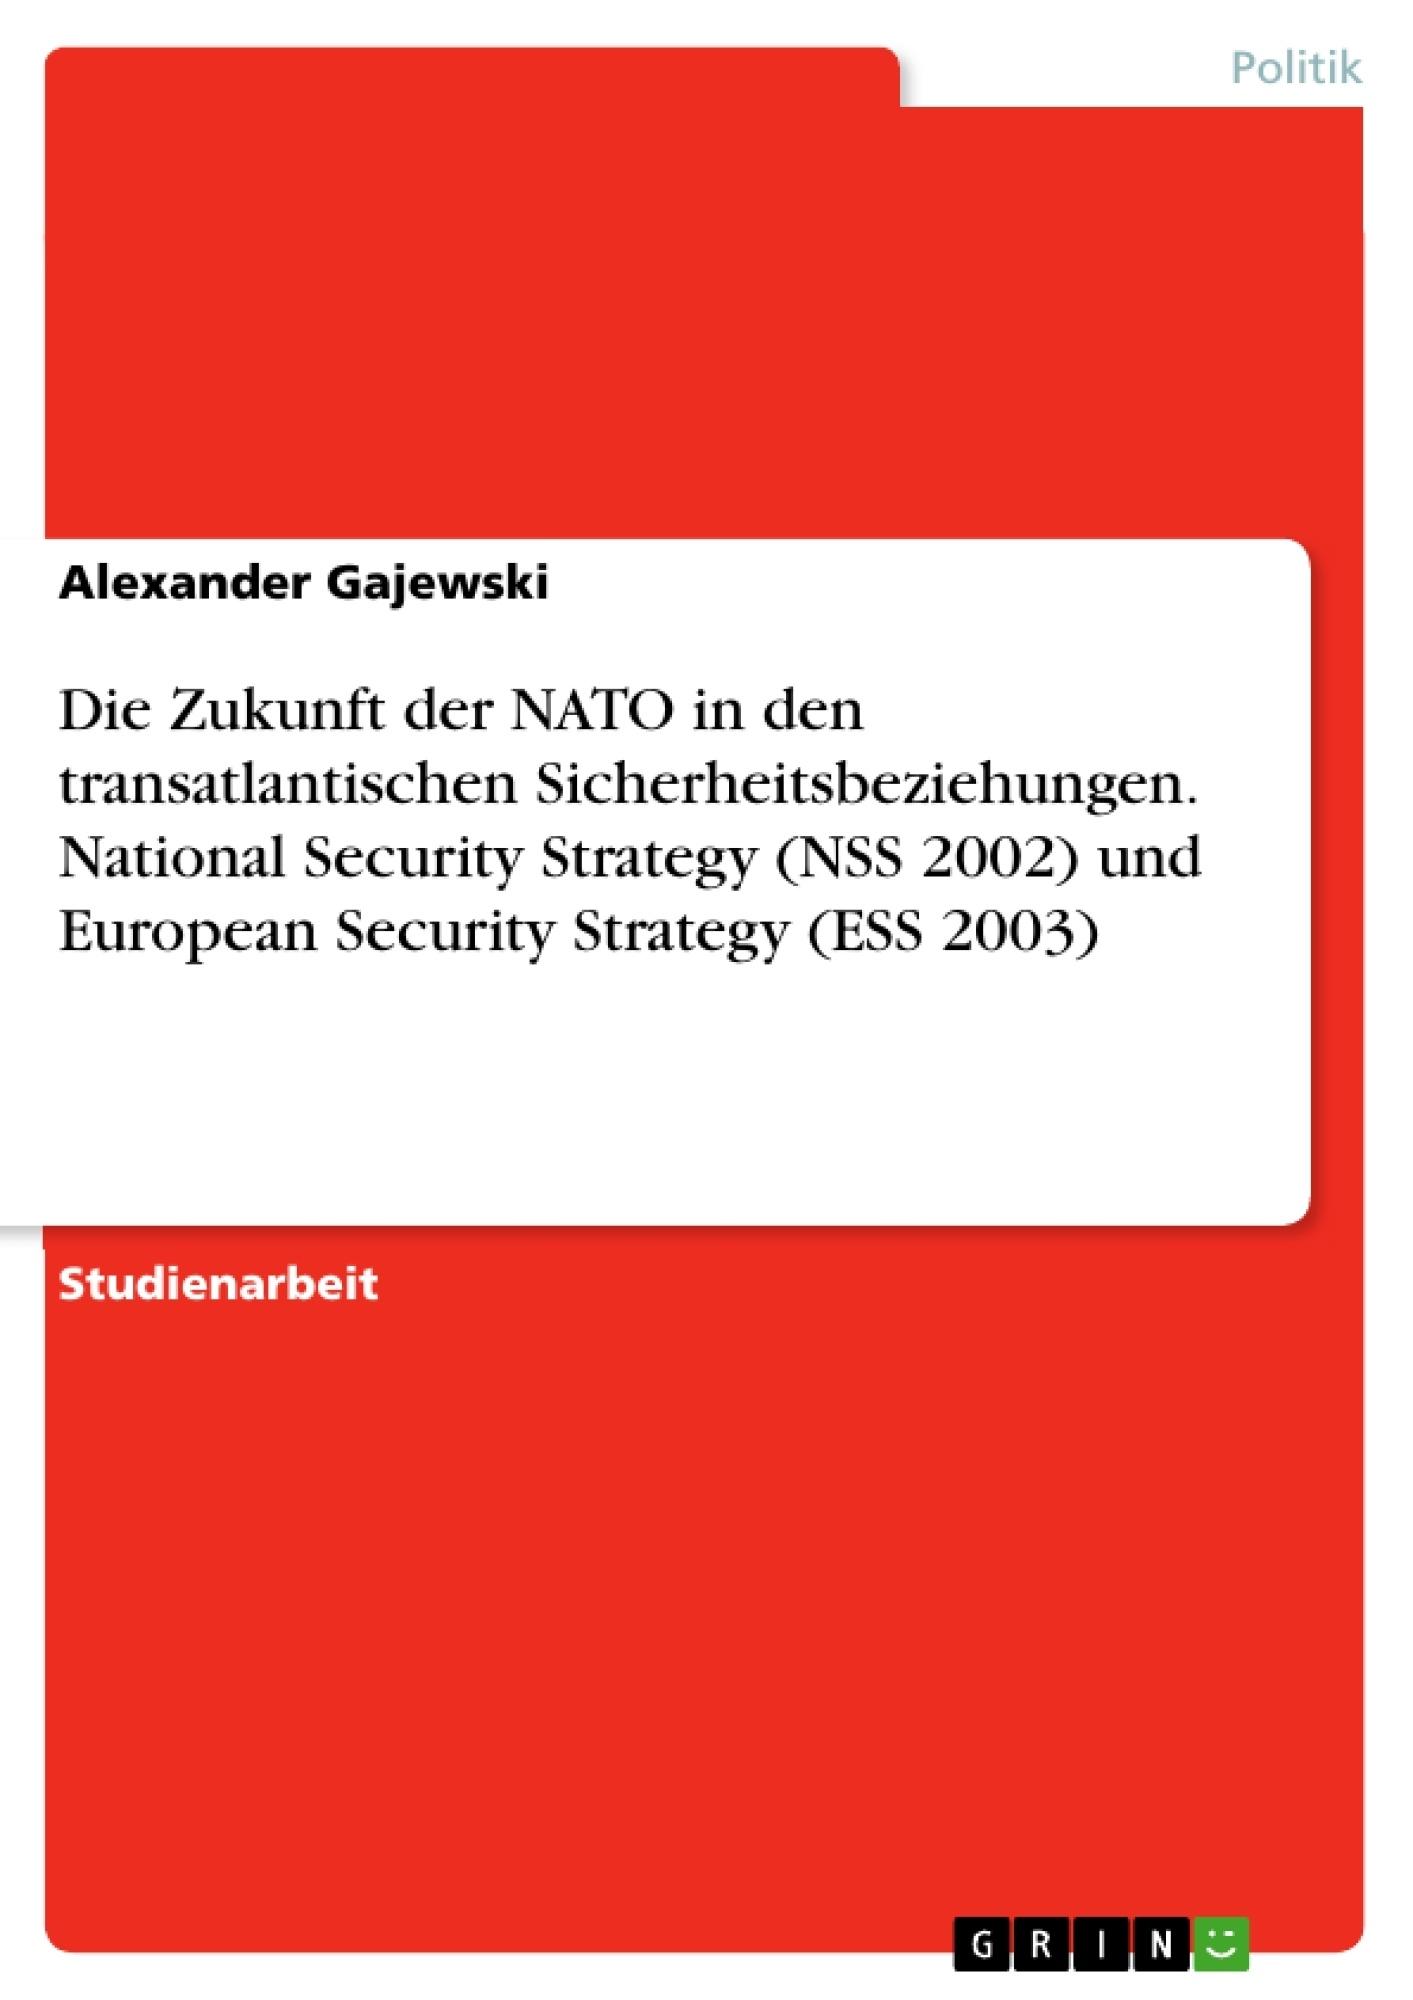 Titel: Die Zukunft der NATO in den transatlantischen Sicherheitsbeziehungen. National Security Strategy (NSS 2002) und European Security Strategy (ESS 2003)